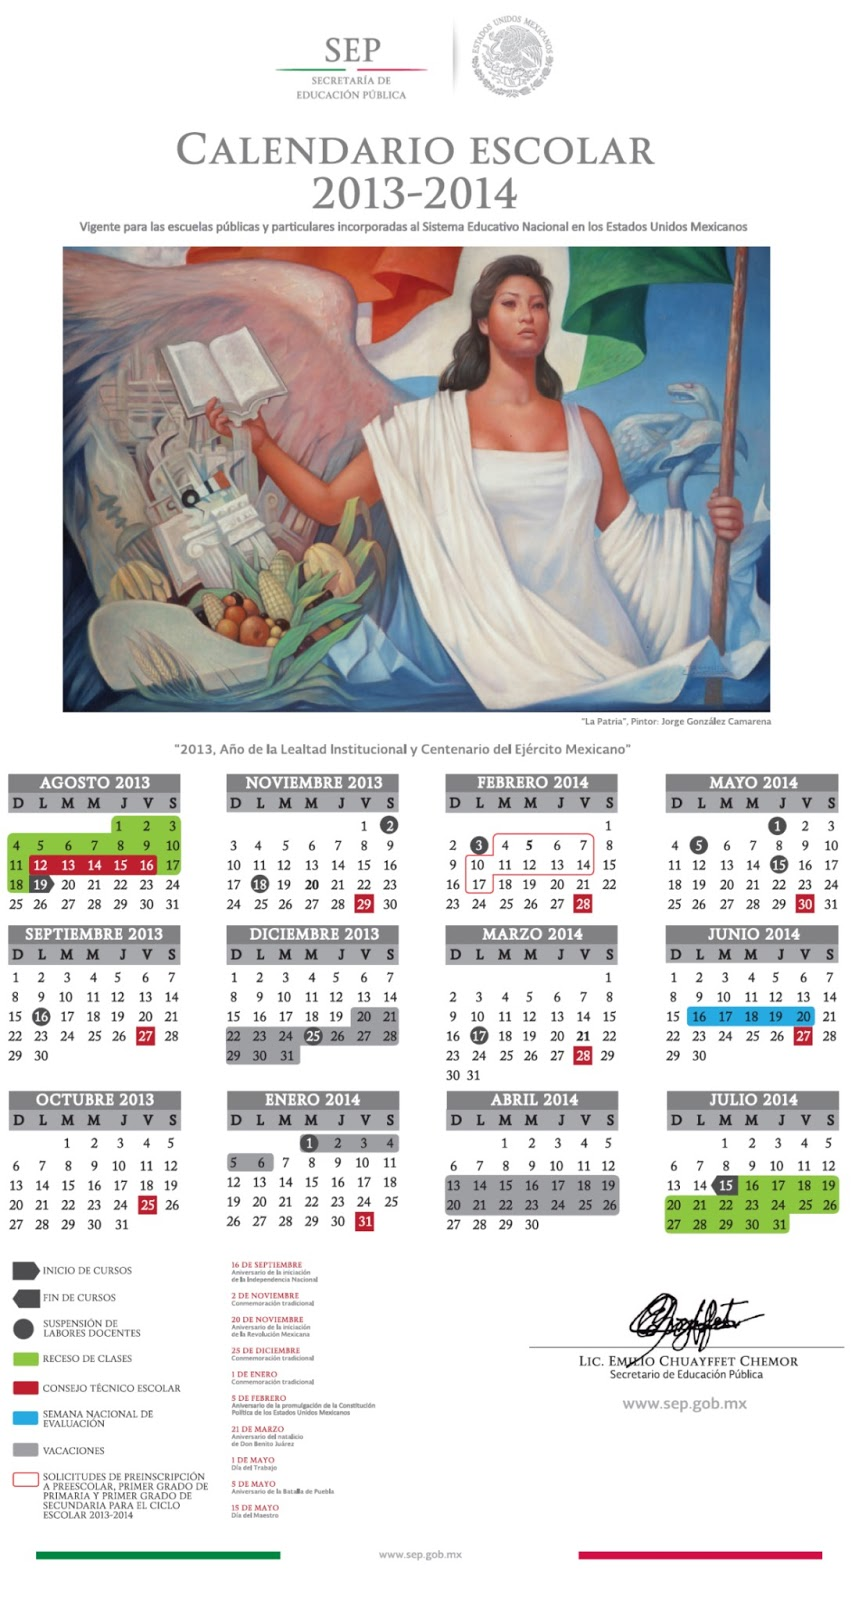 Supervisión 05 Educación Especial Zacatecas: El Calendario Escolar ...